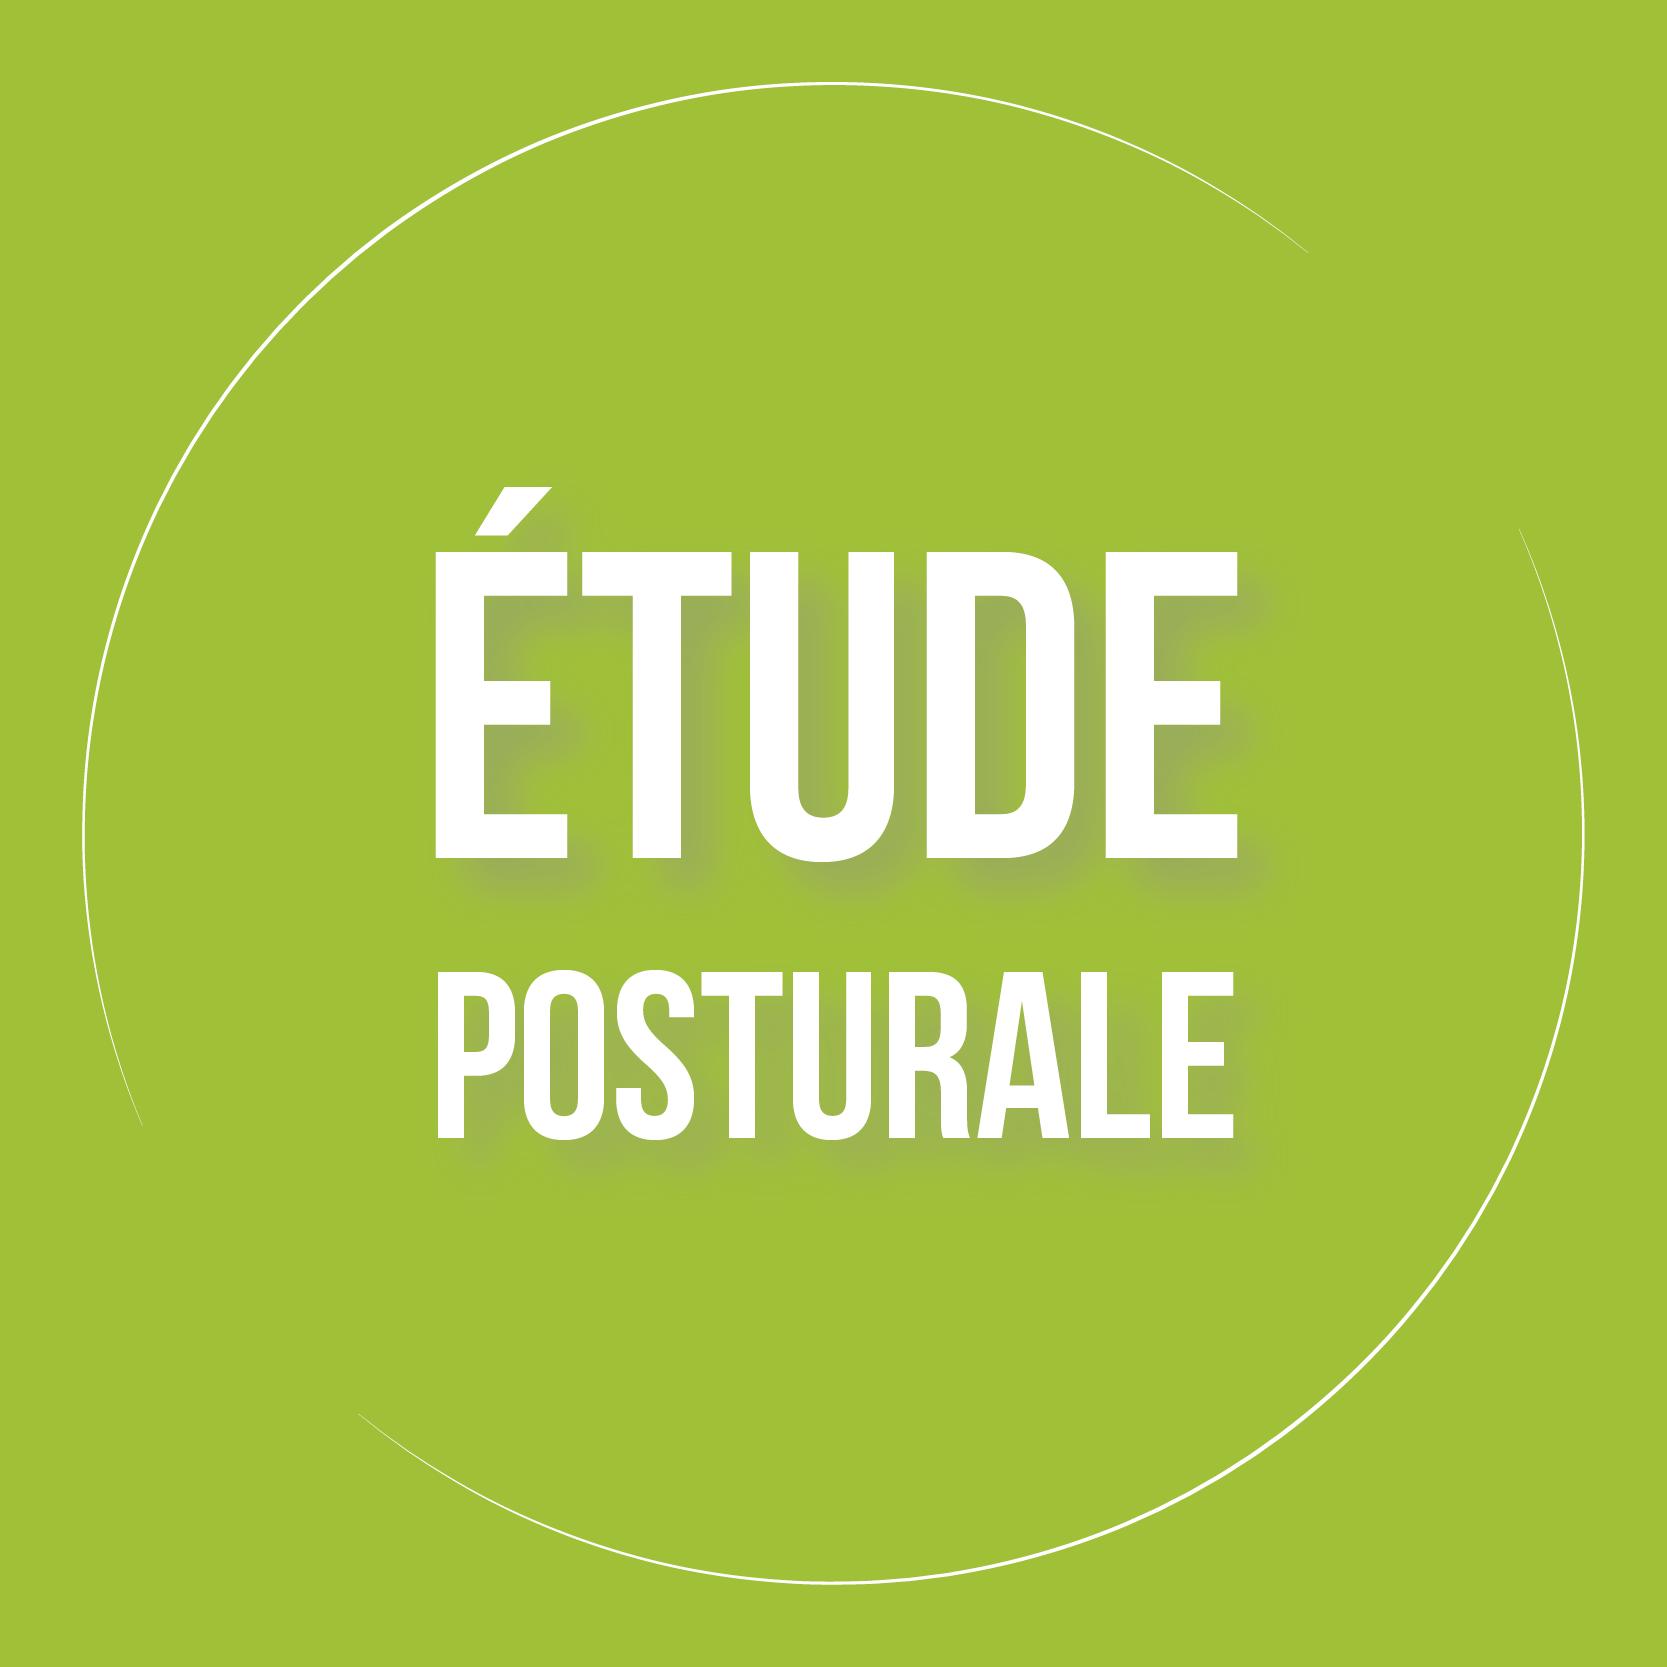 Service Etude Posturale